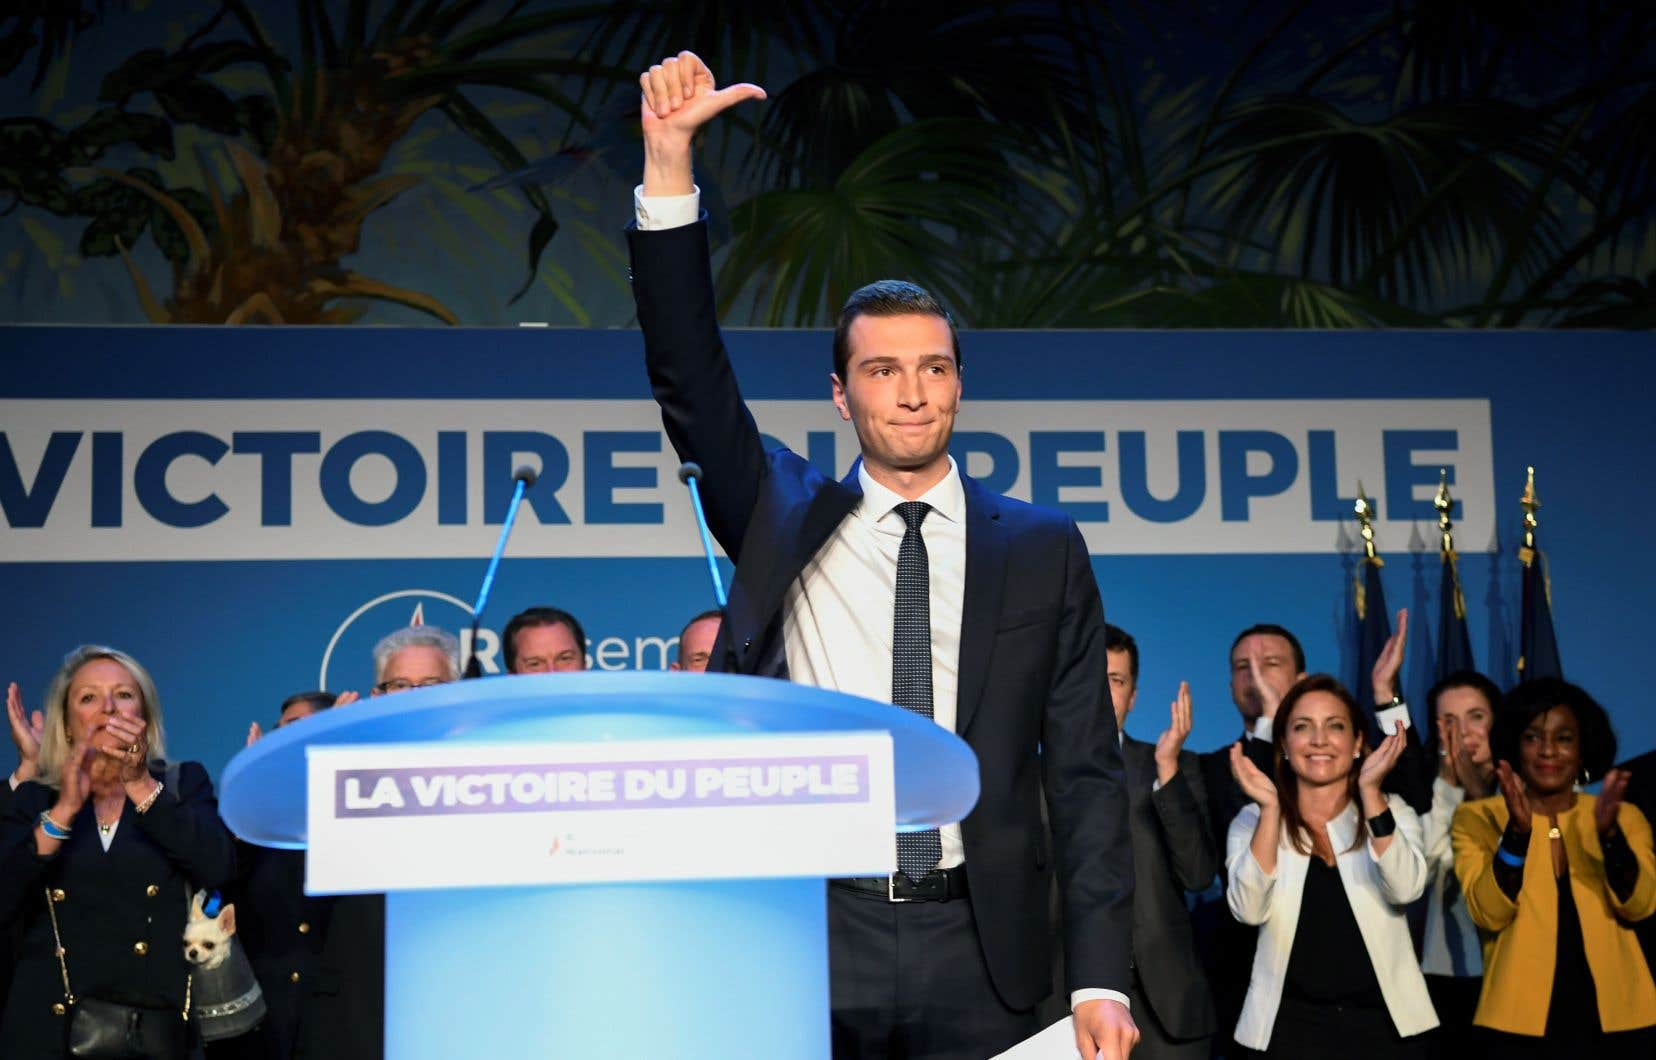 Le parti de Marine Le Pen, le Rassemblement national, a remporté les élections européennes en France. Sur la photo, Jordan Bardella, tête de liste de la formation.